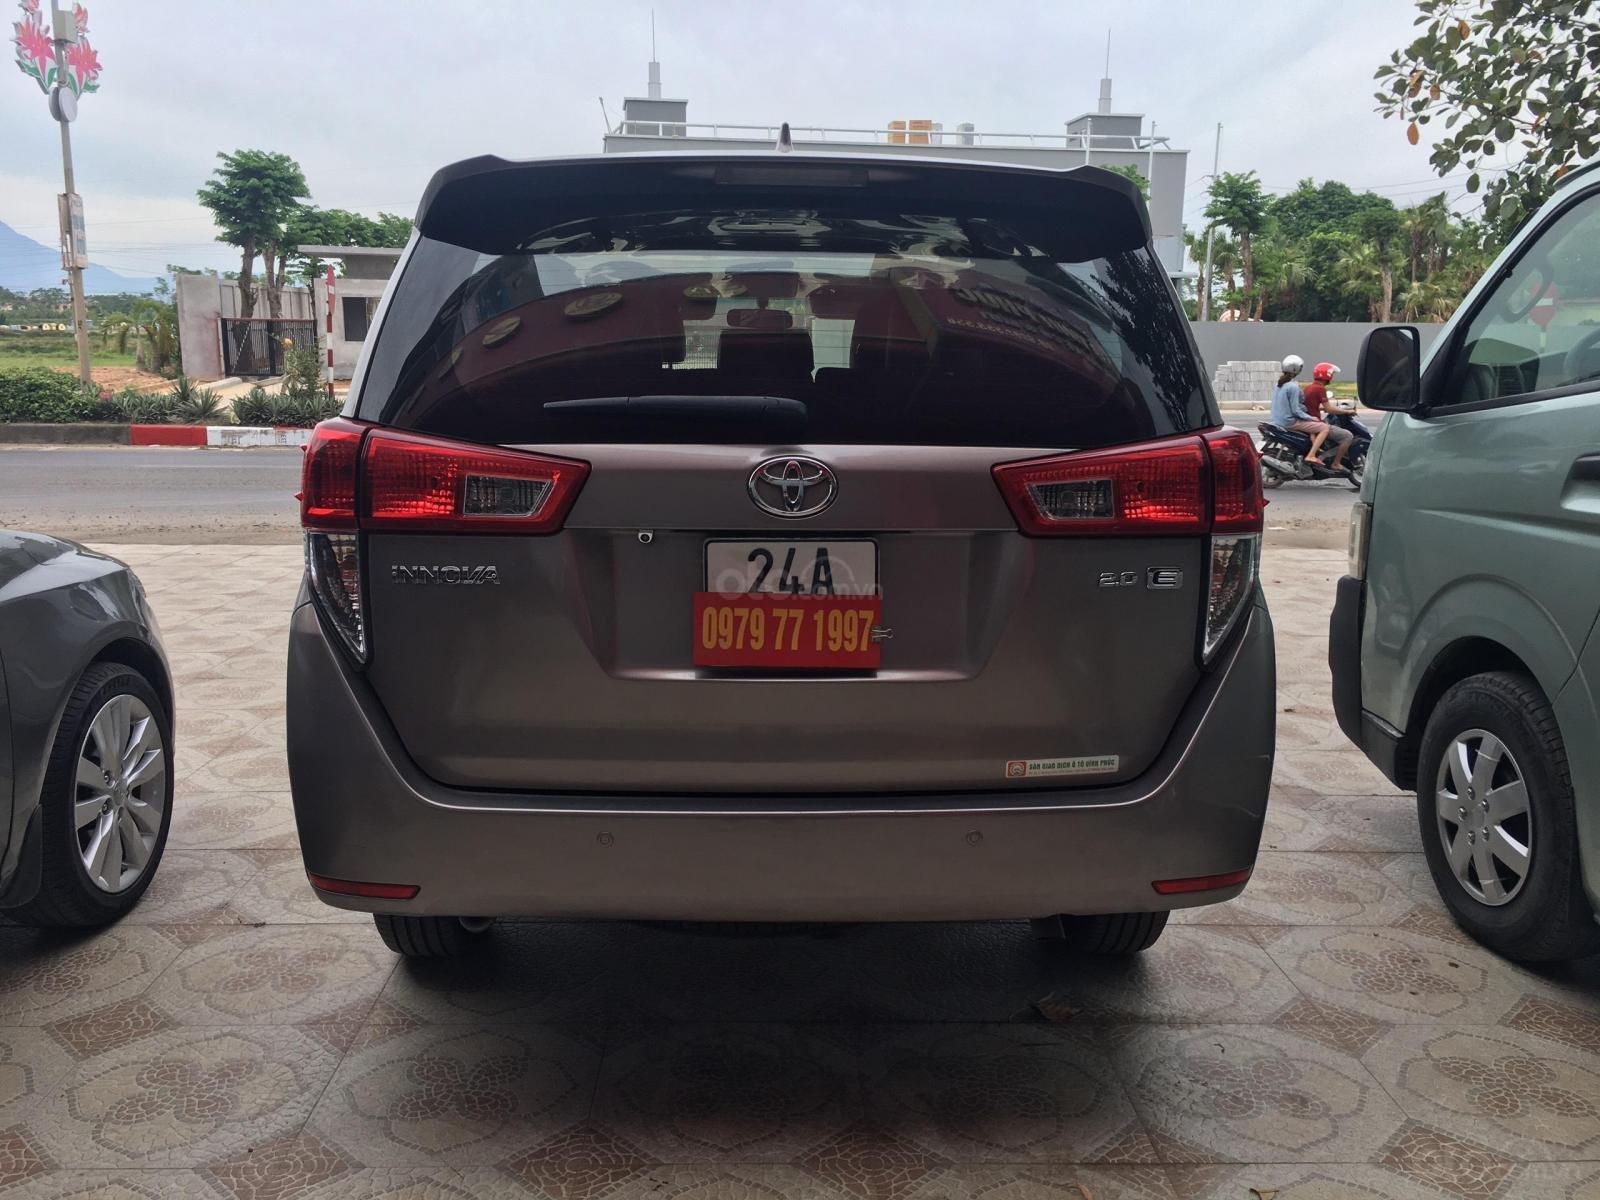 Bán Toyota Innova sản xuất 2016 số sàn bản 2.0E. Giá bán 525 triệu (6)